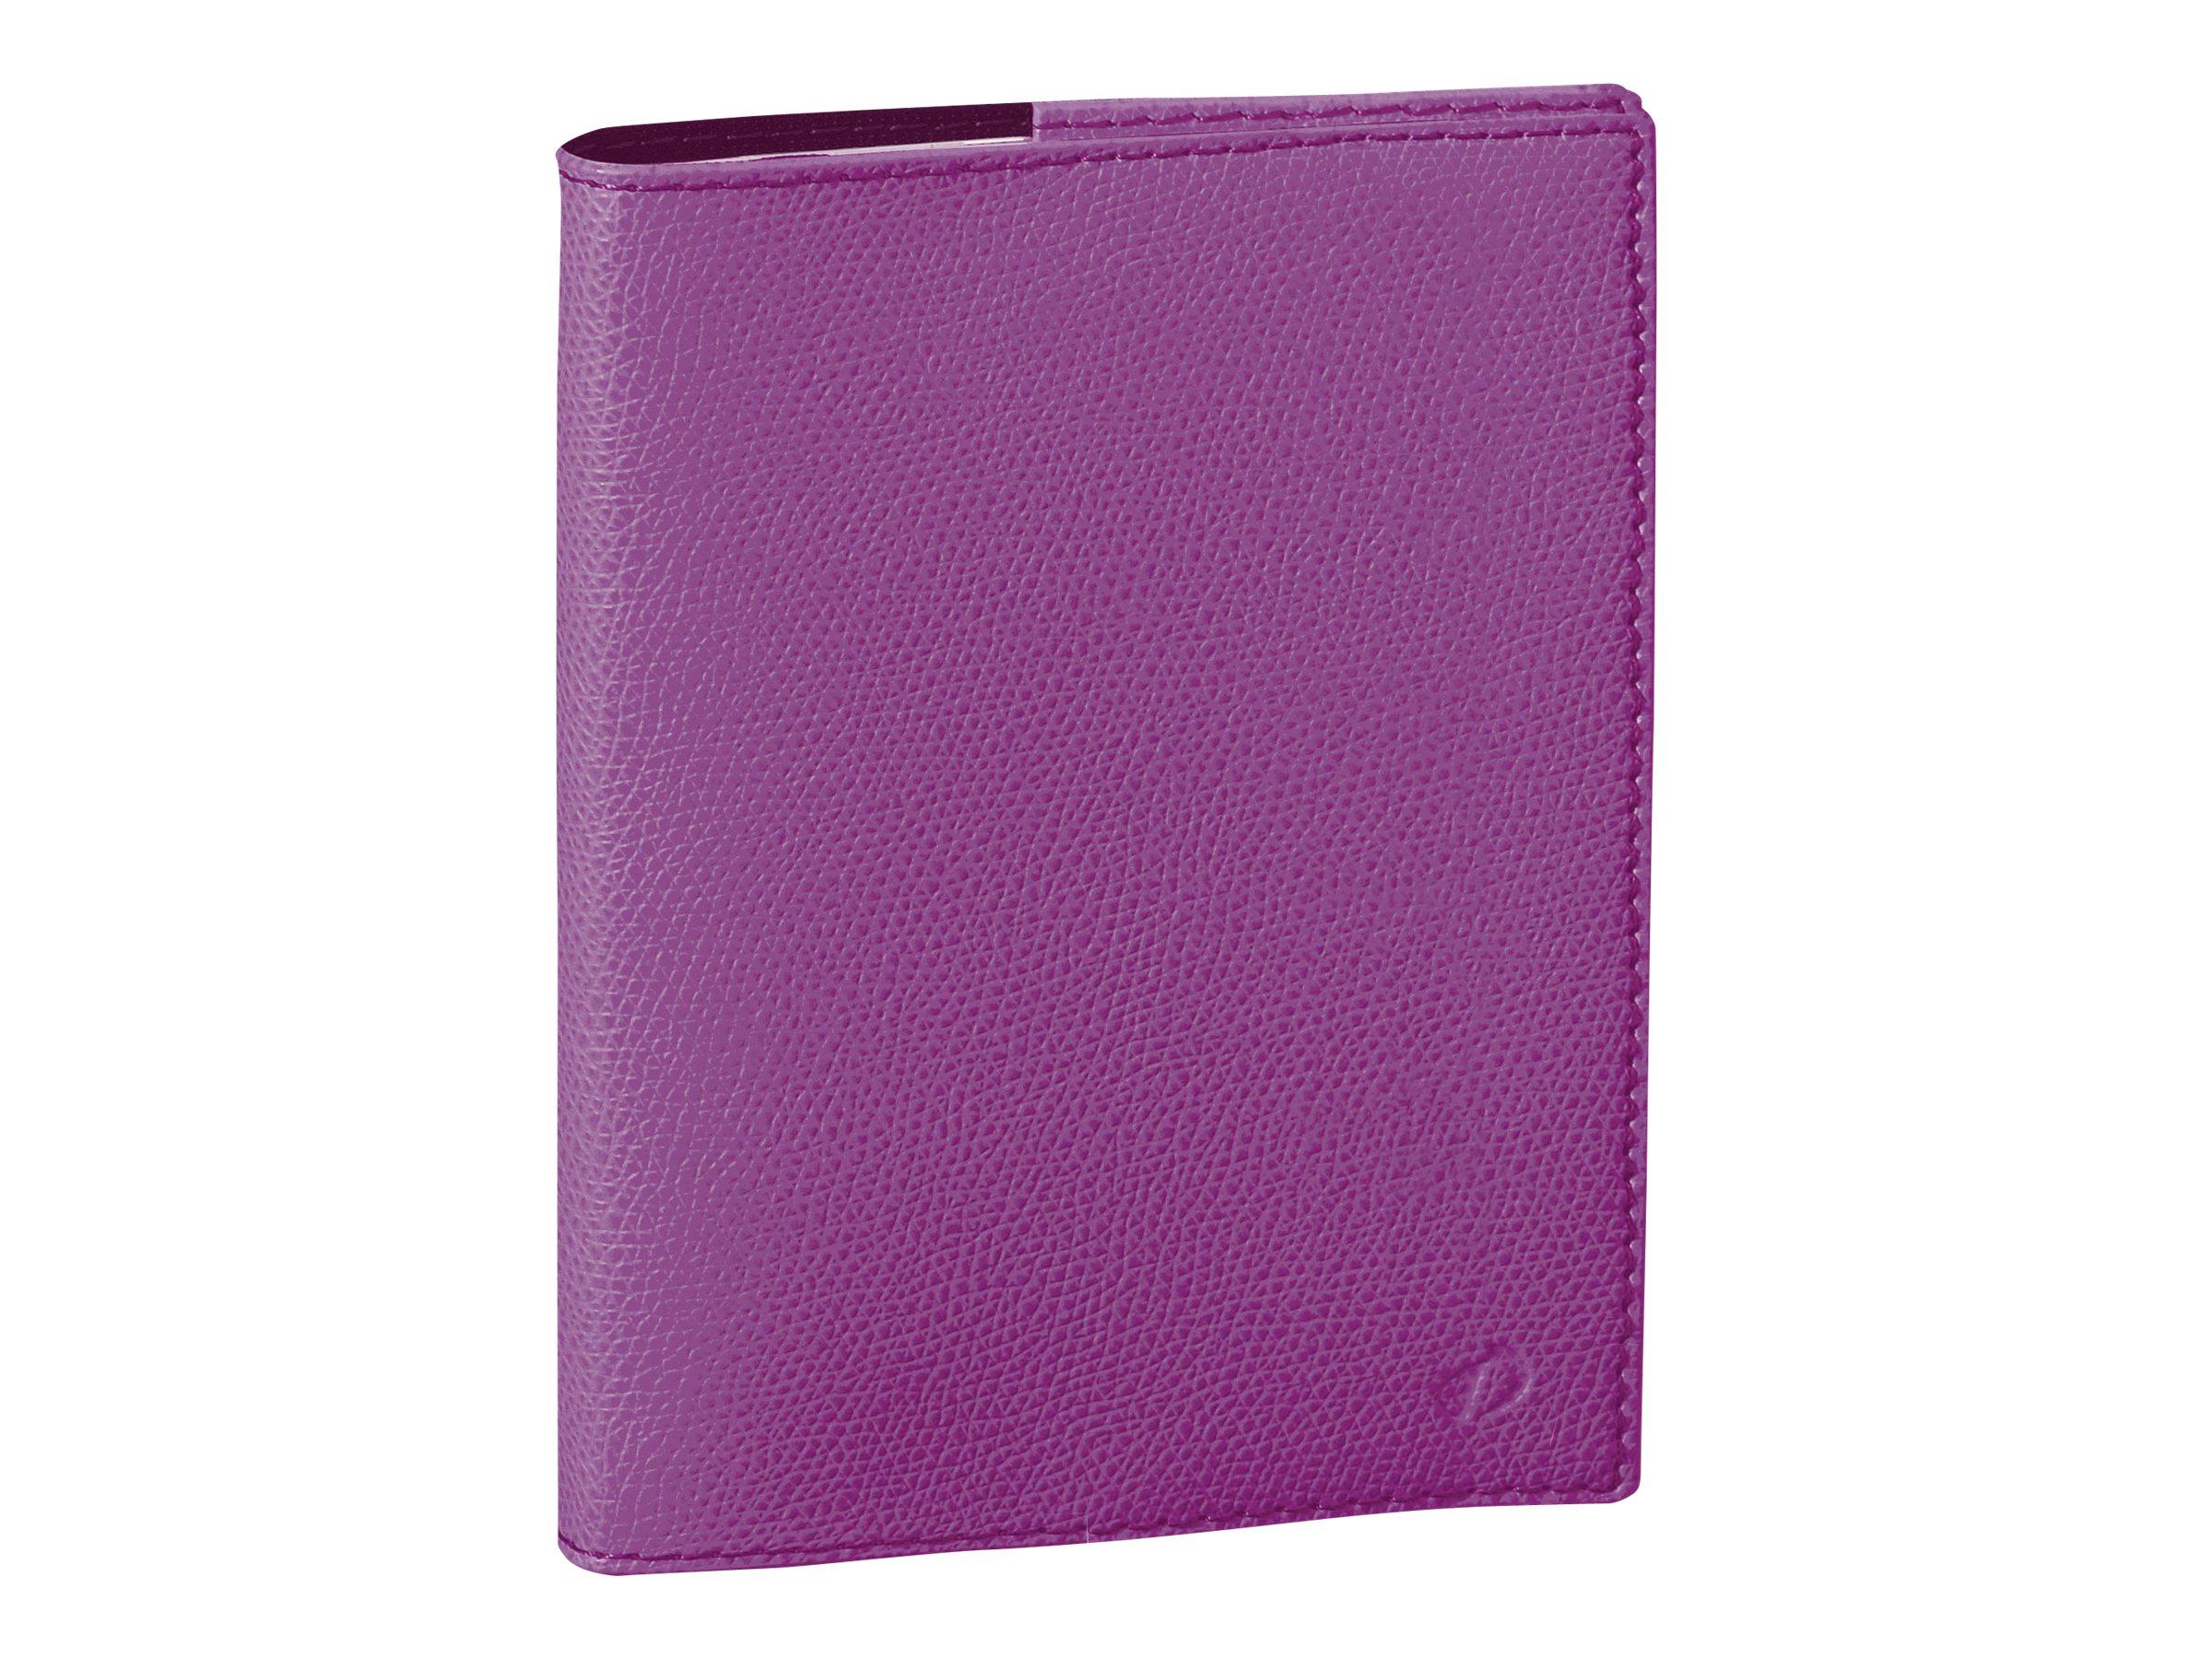 Quo Vadis Agenda Club - Agenda - 1 jour par page - 120 x 170 mm - papier blanc - couverture iris violet - toile